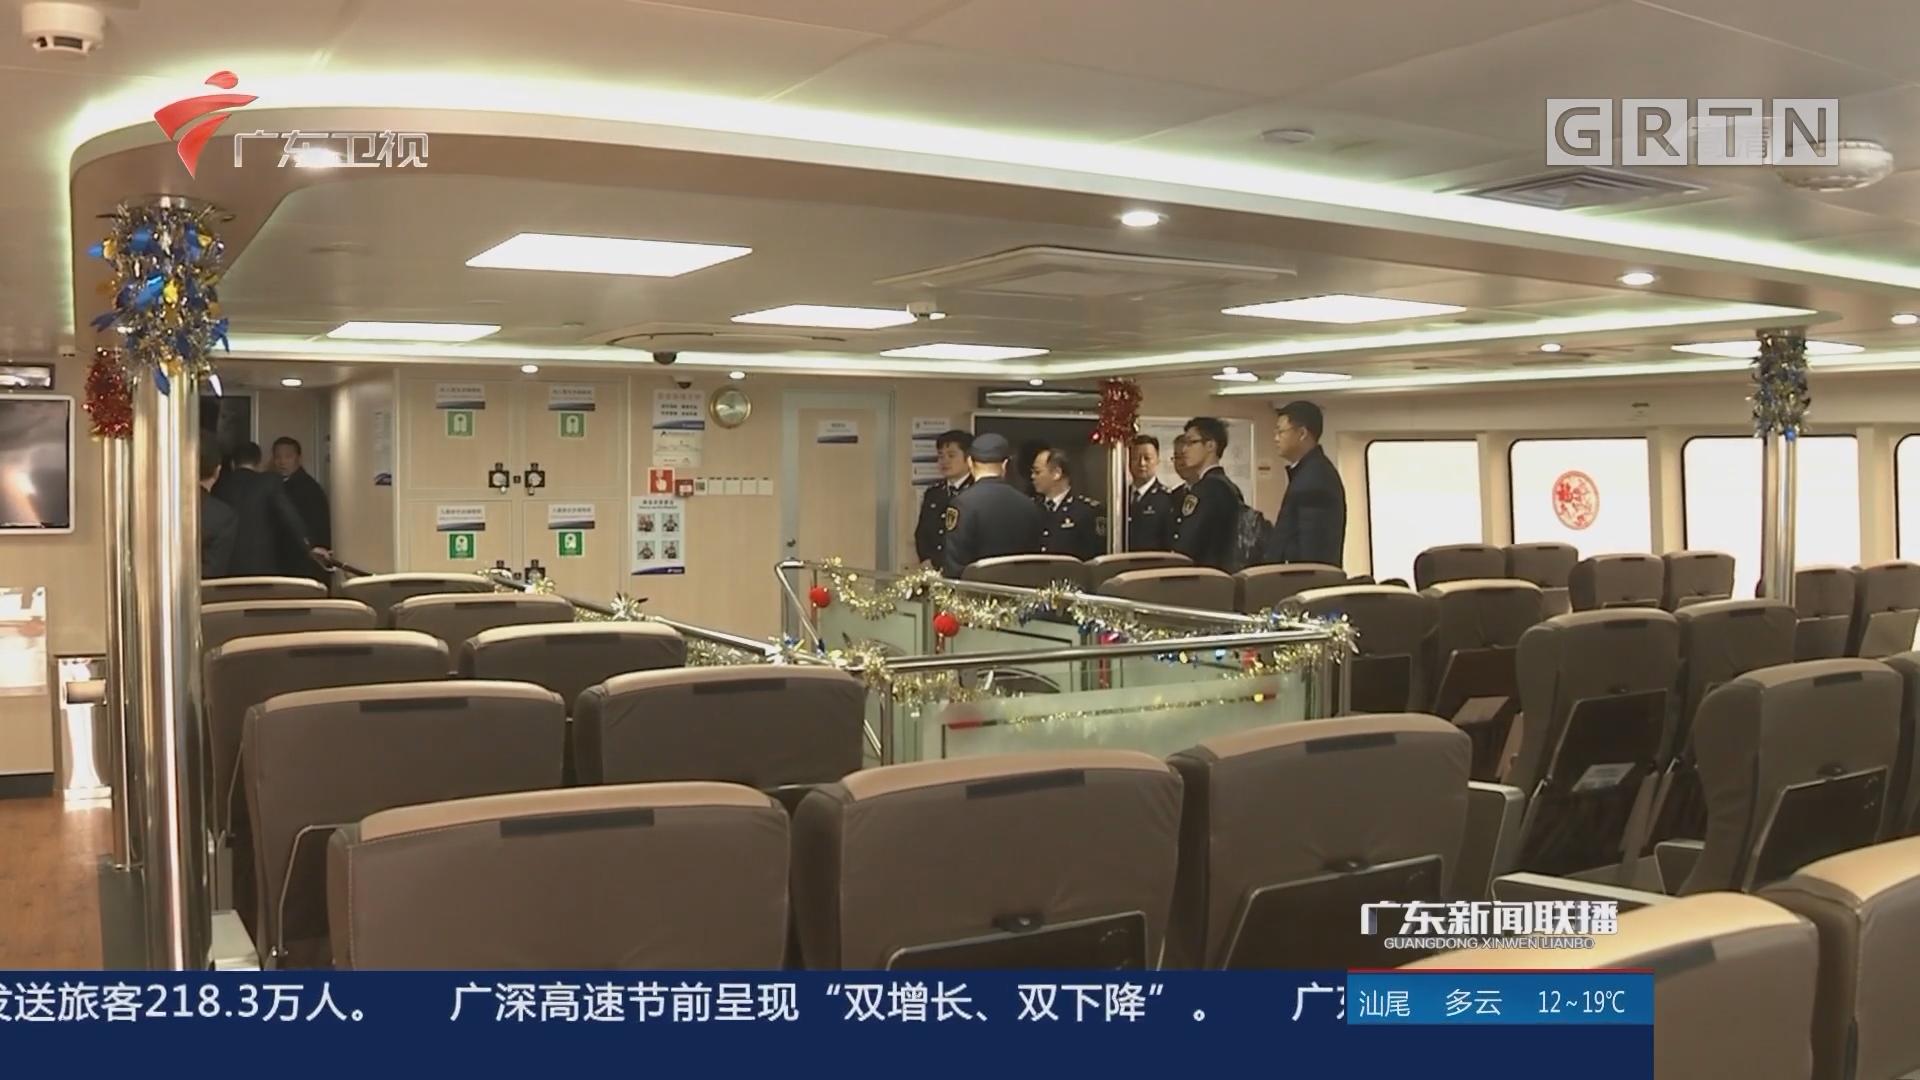 水上春运进入高峰期 海事排查安全隐患251项